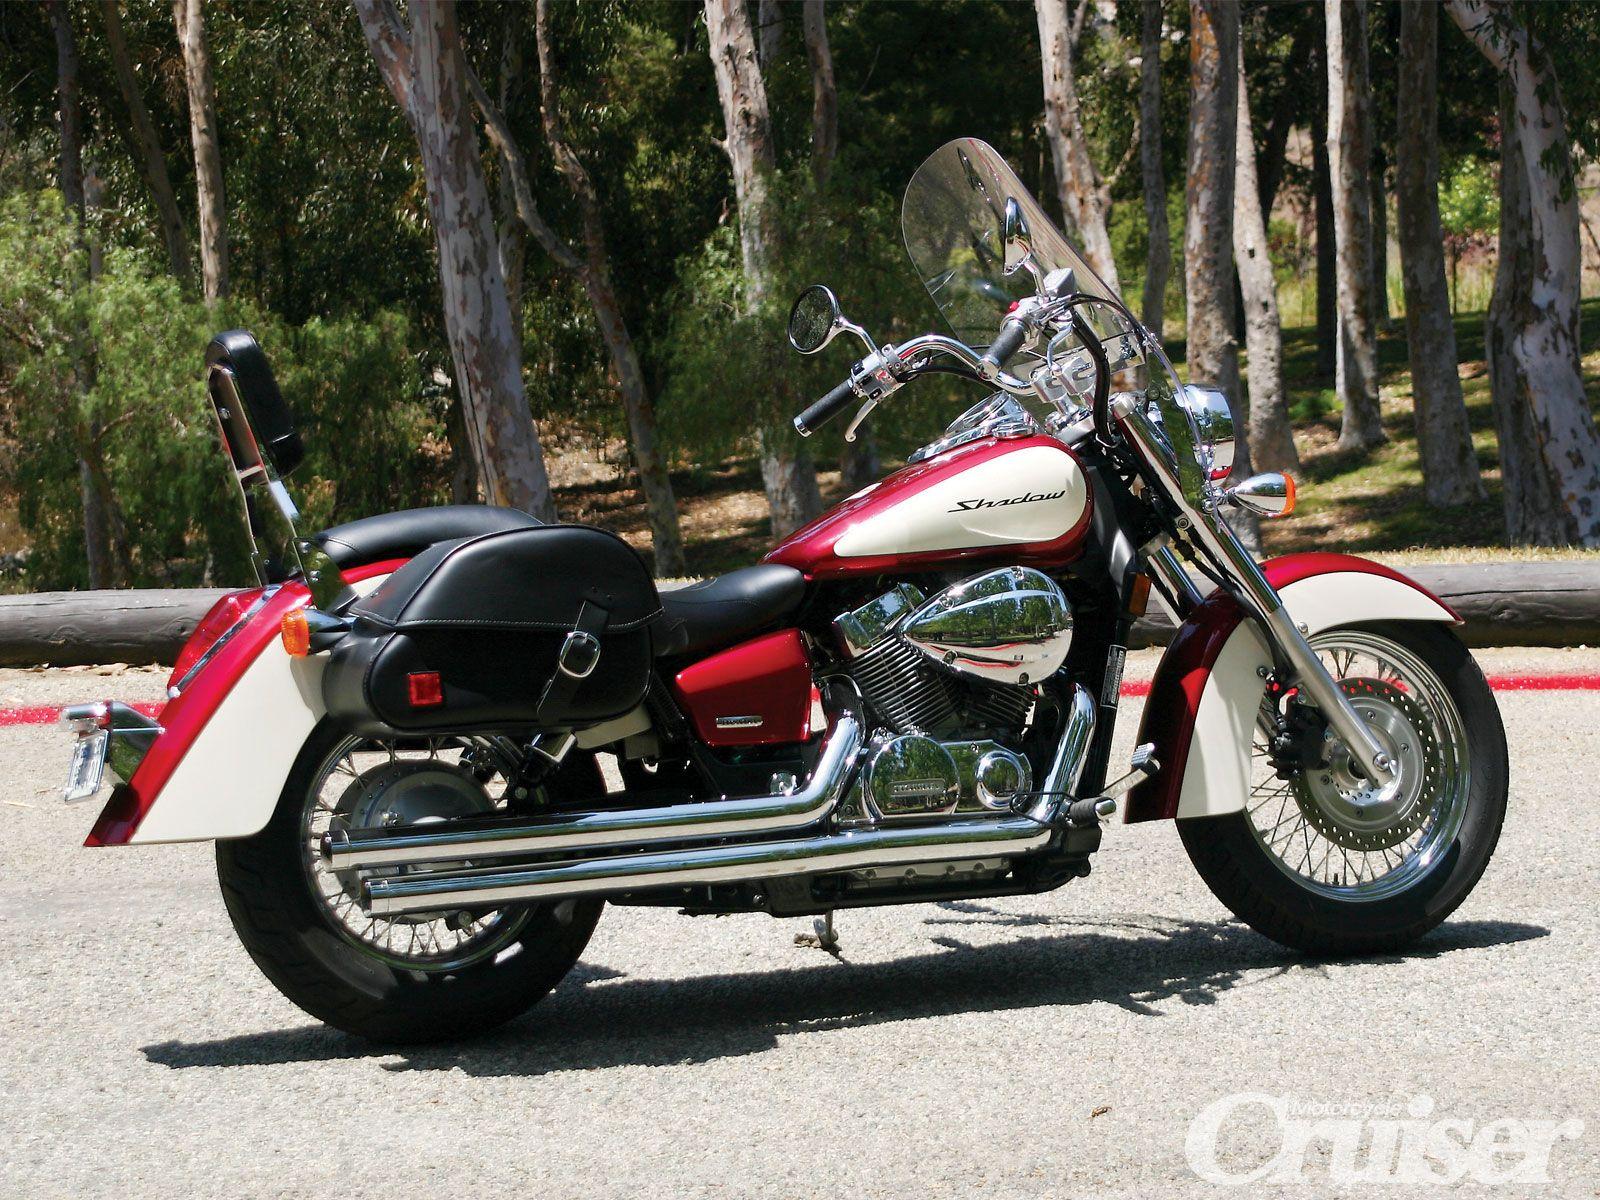 hight resolution of honda shadow aero 750